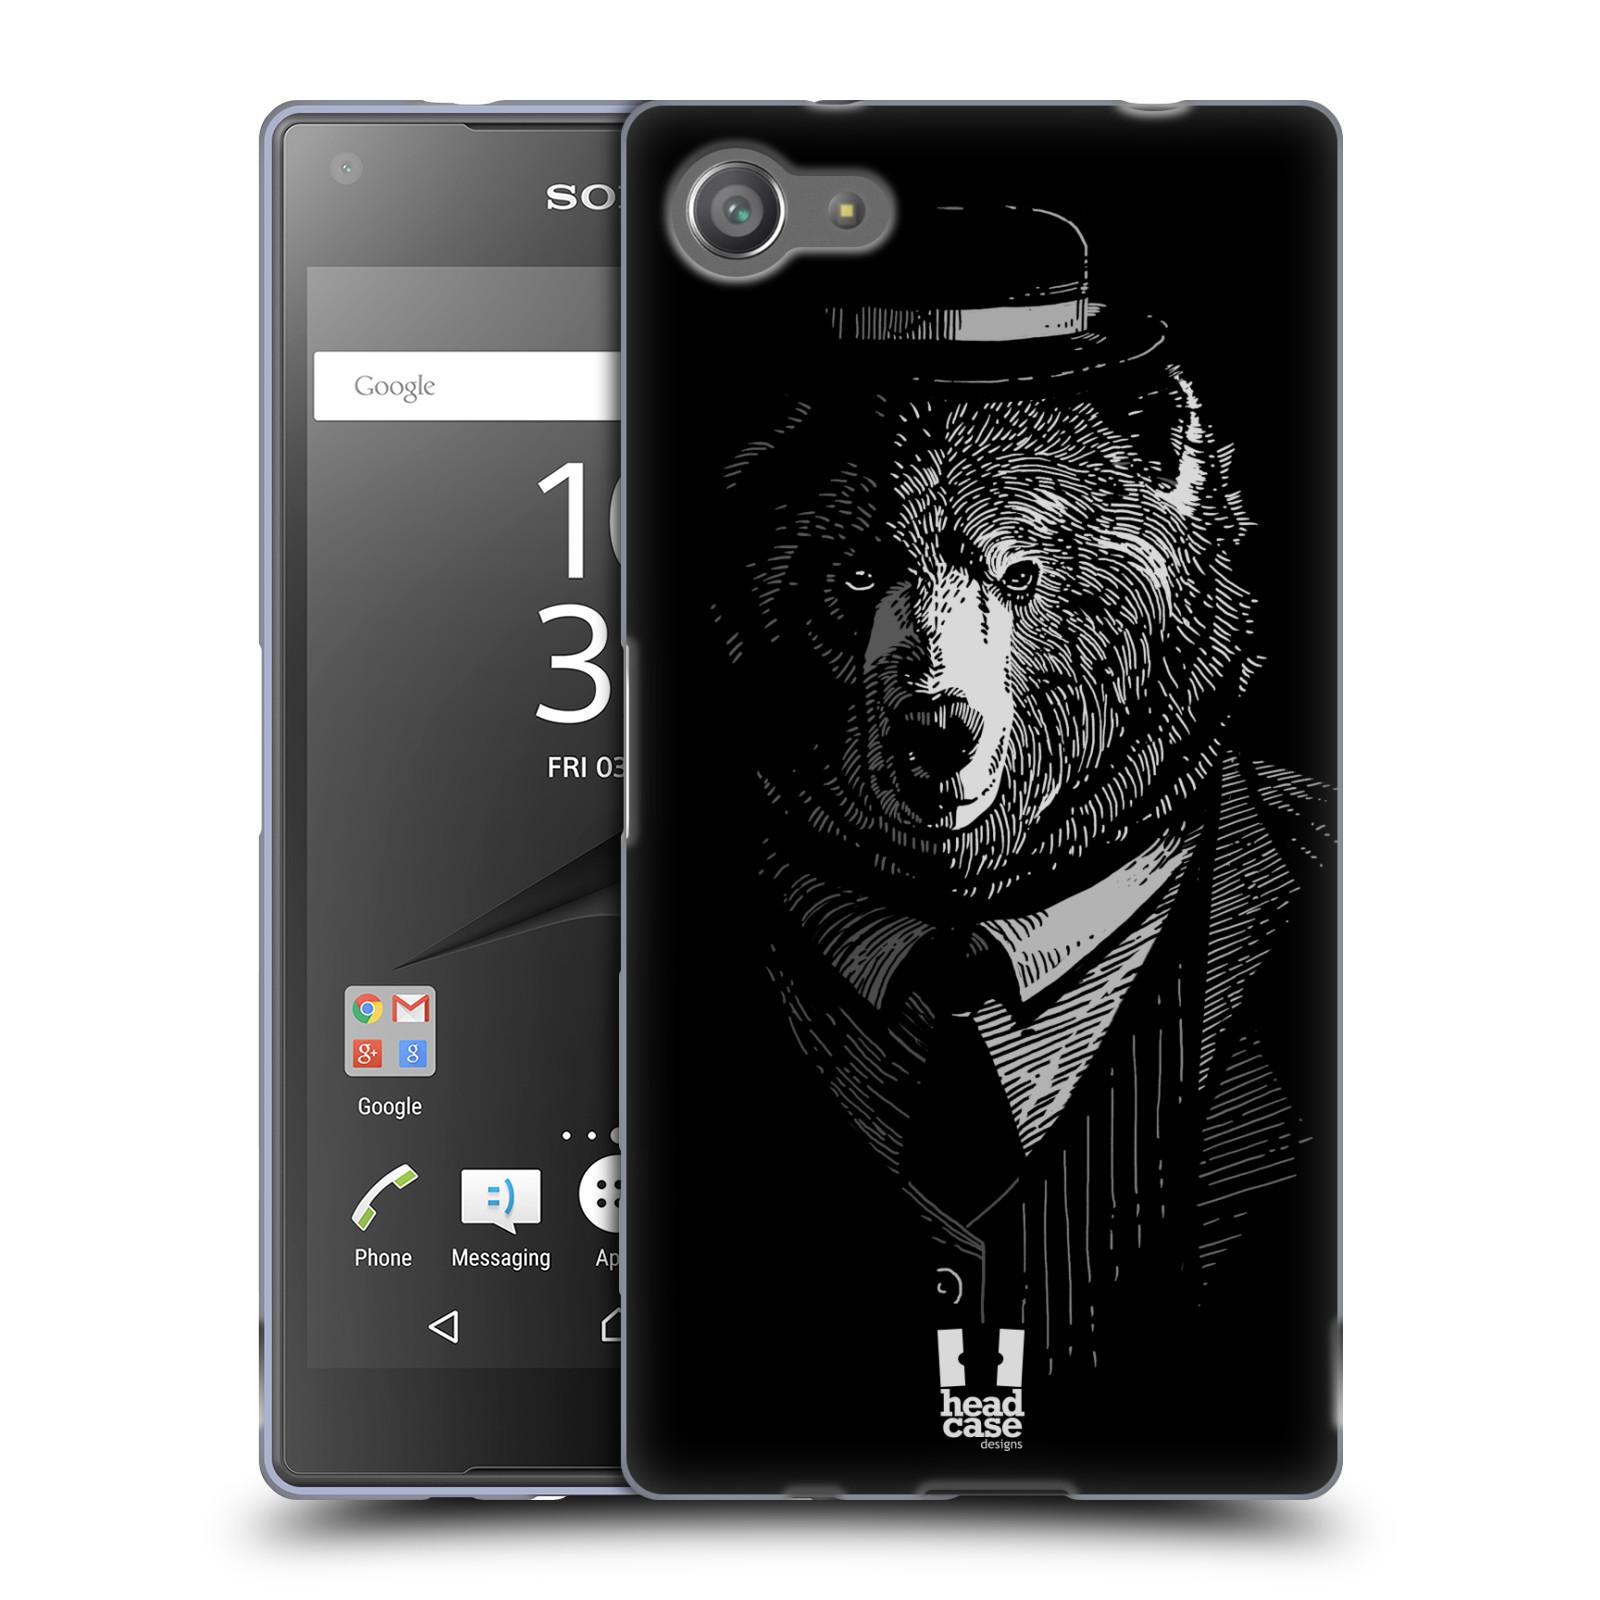 HEAD CASE silikonový obal na mobil Sony Xperia Z5 COMPACT vzor Zvíře v obleku medvěd